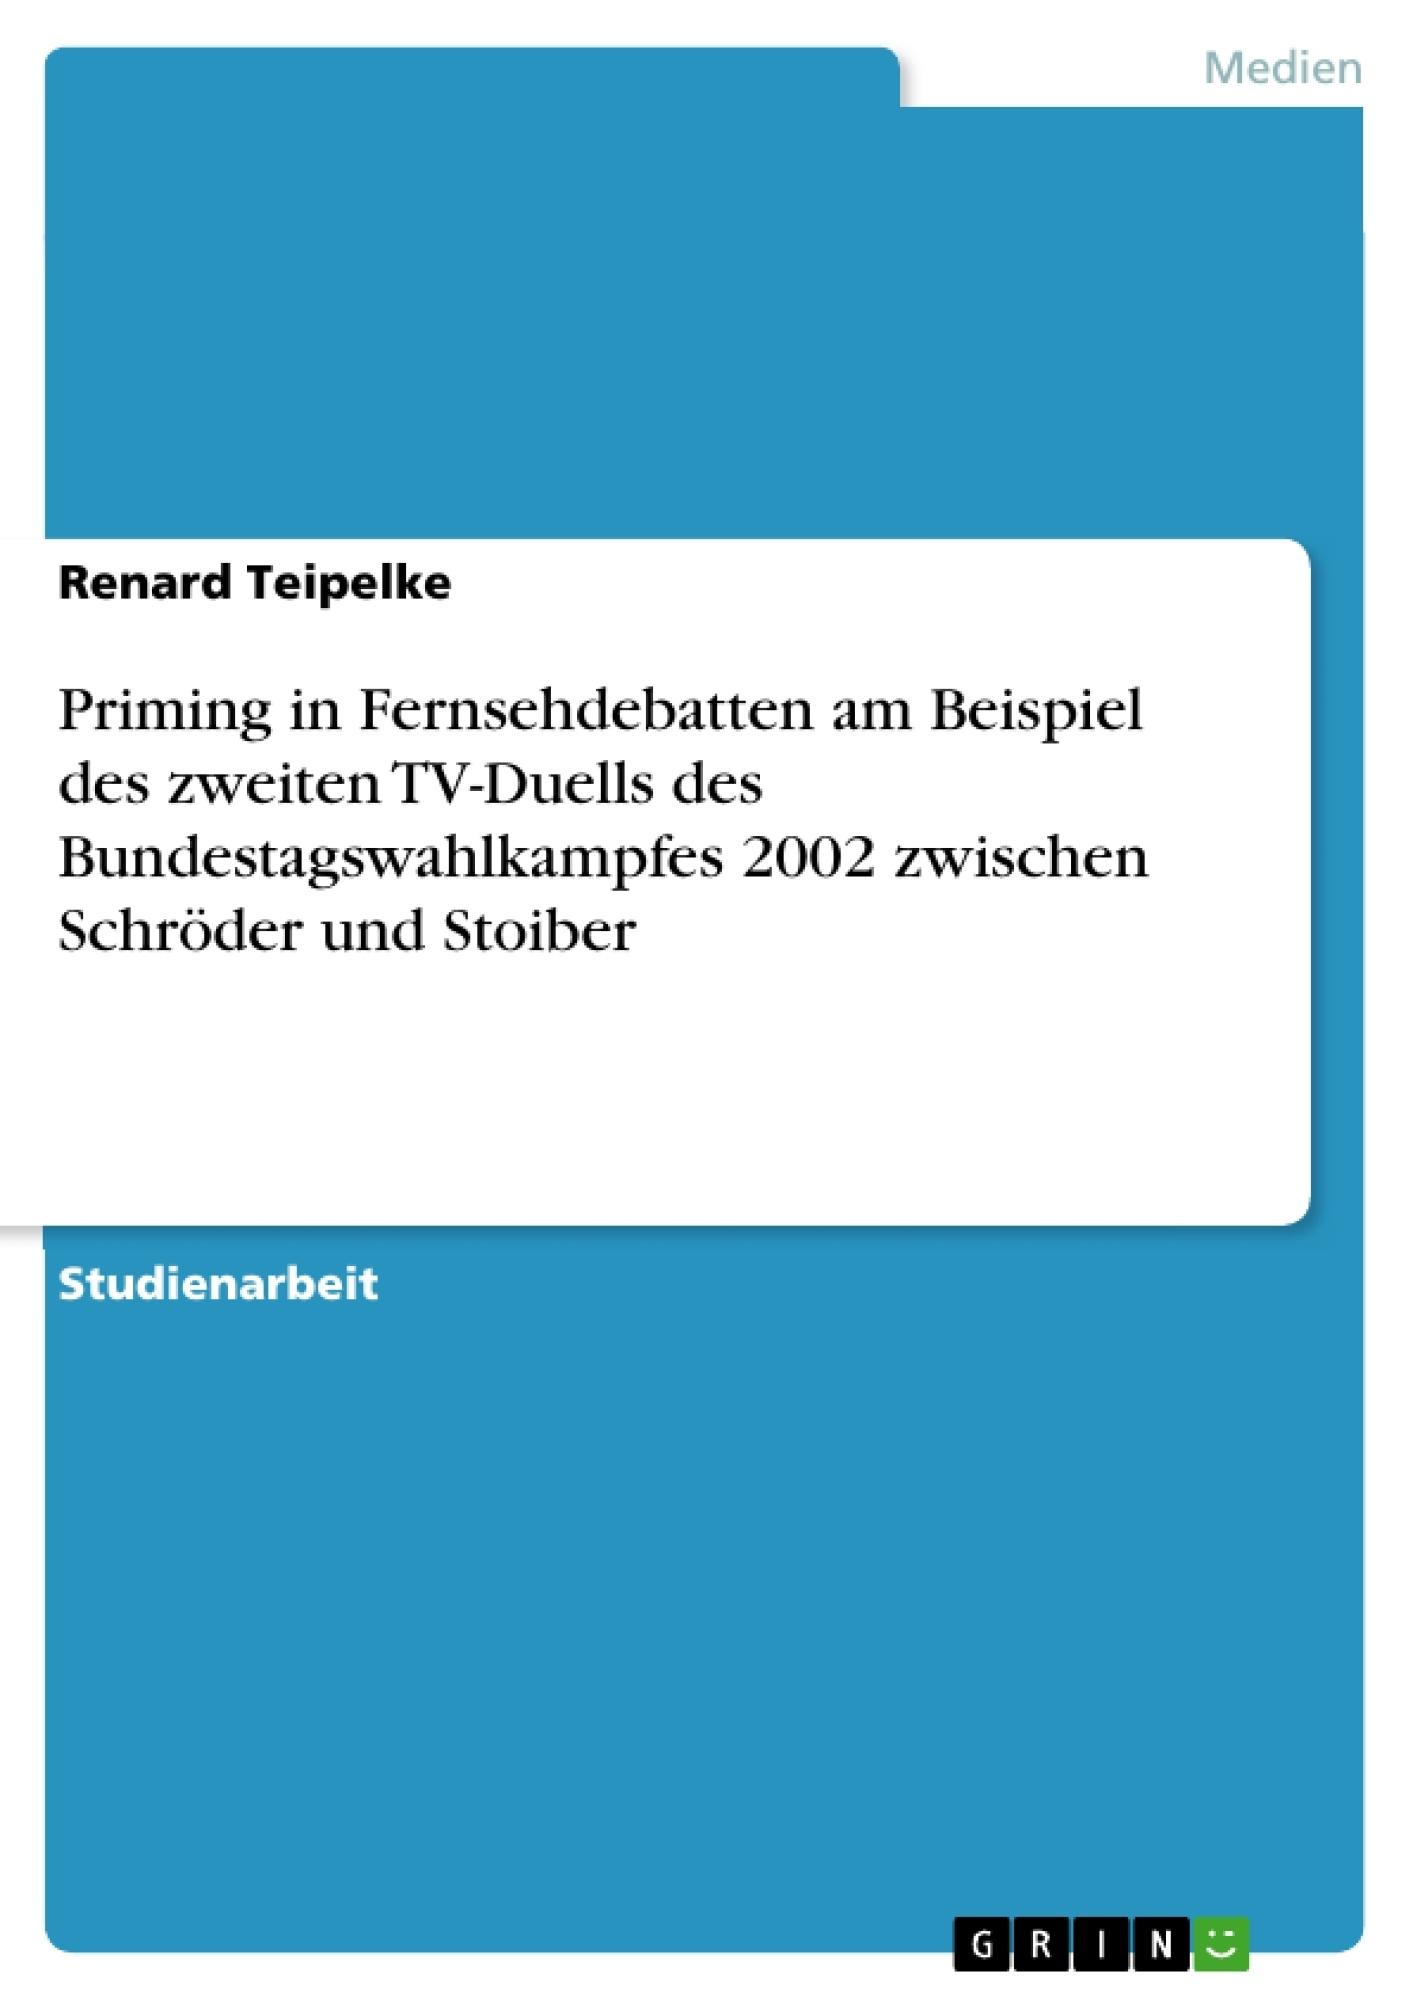 Titel: Priming in Fernsehdebatten am Beispiel des zweiten TV-Duells des Bundestagswahlkampfes 2002 zwischen Schröder und Stoiber